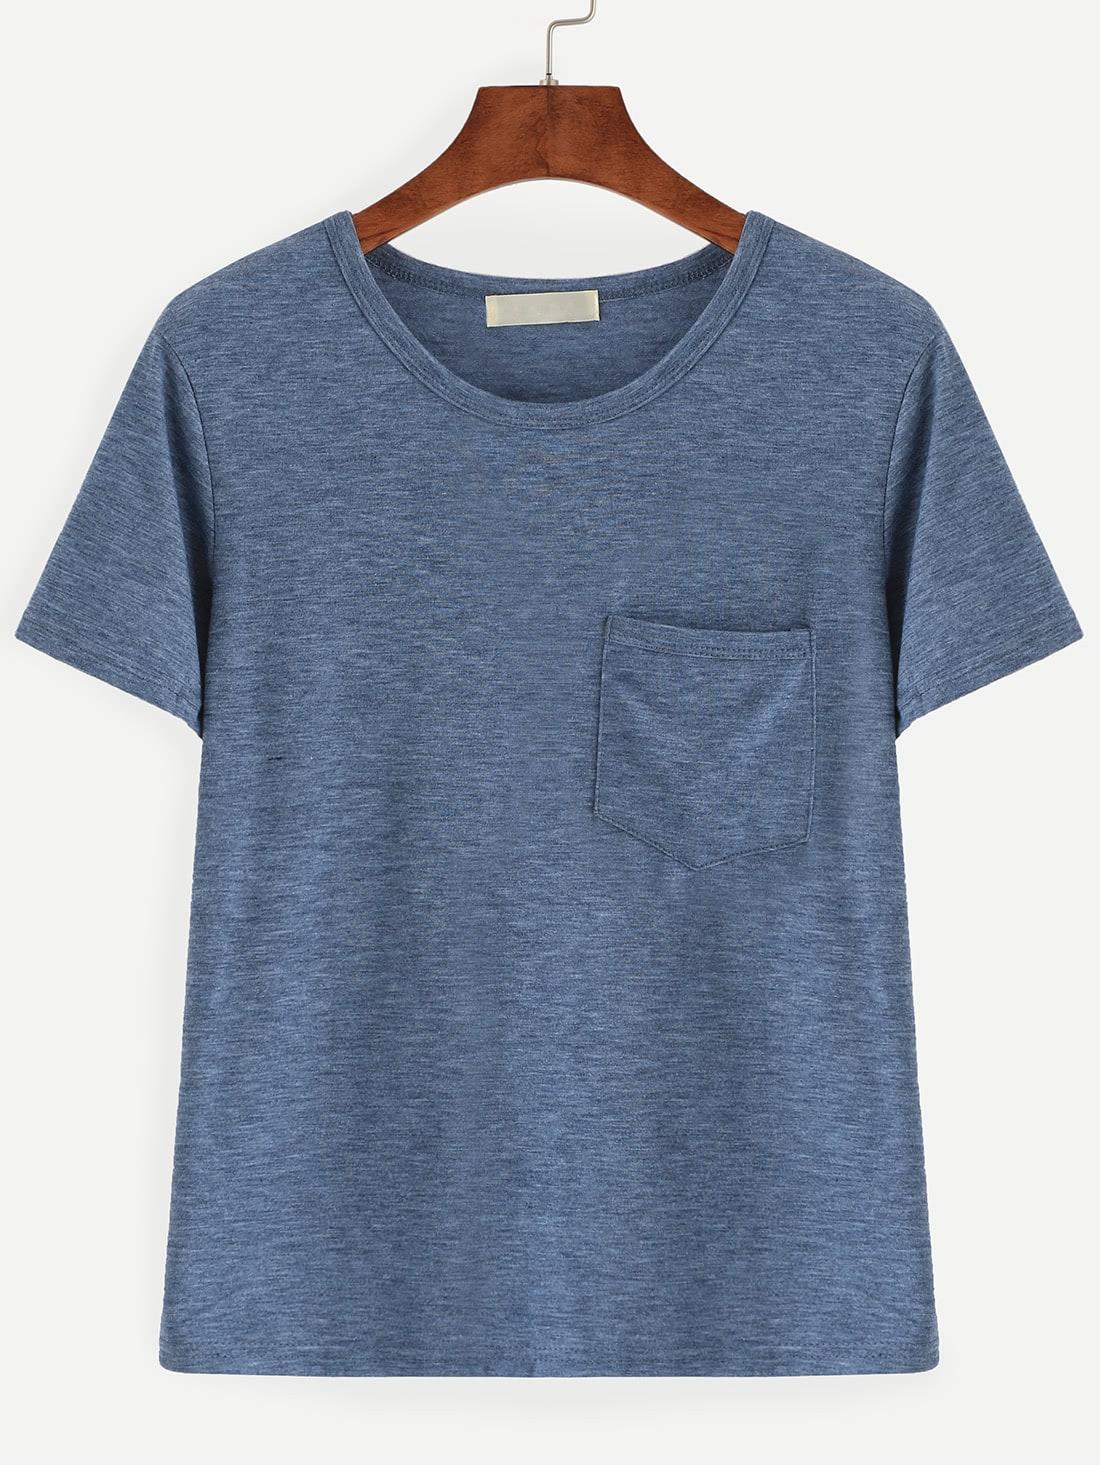 Slub t shirt with chest pocket shein sheinside for What is a slub shirt